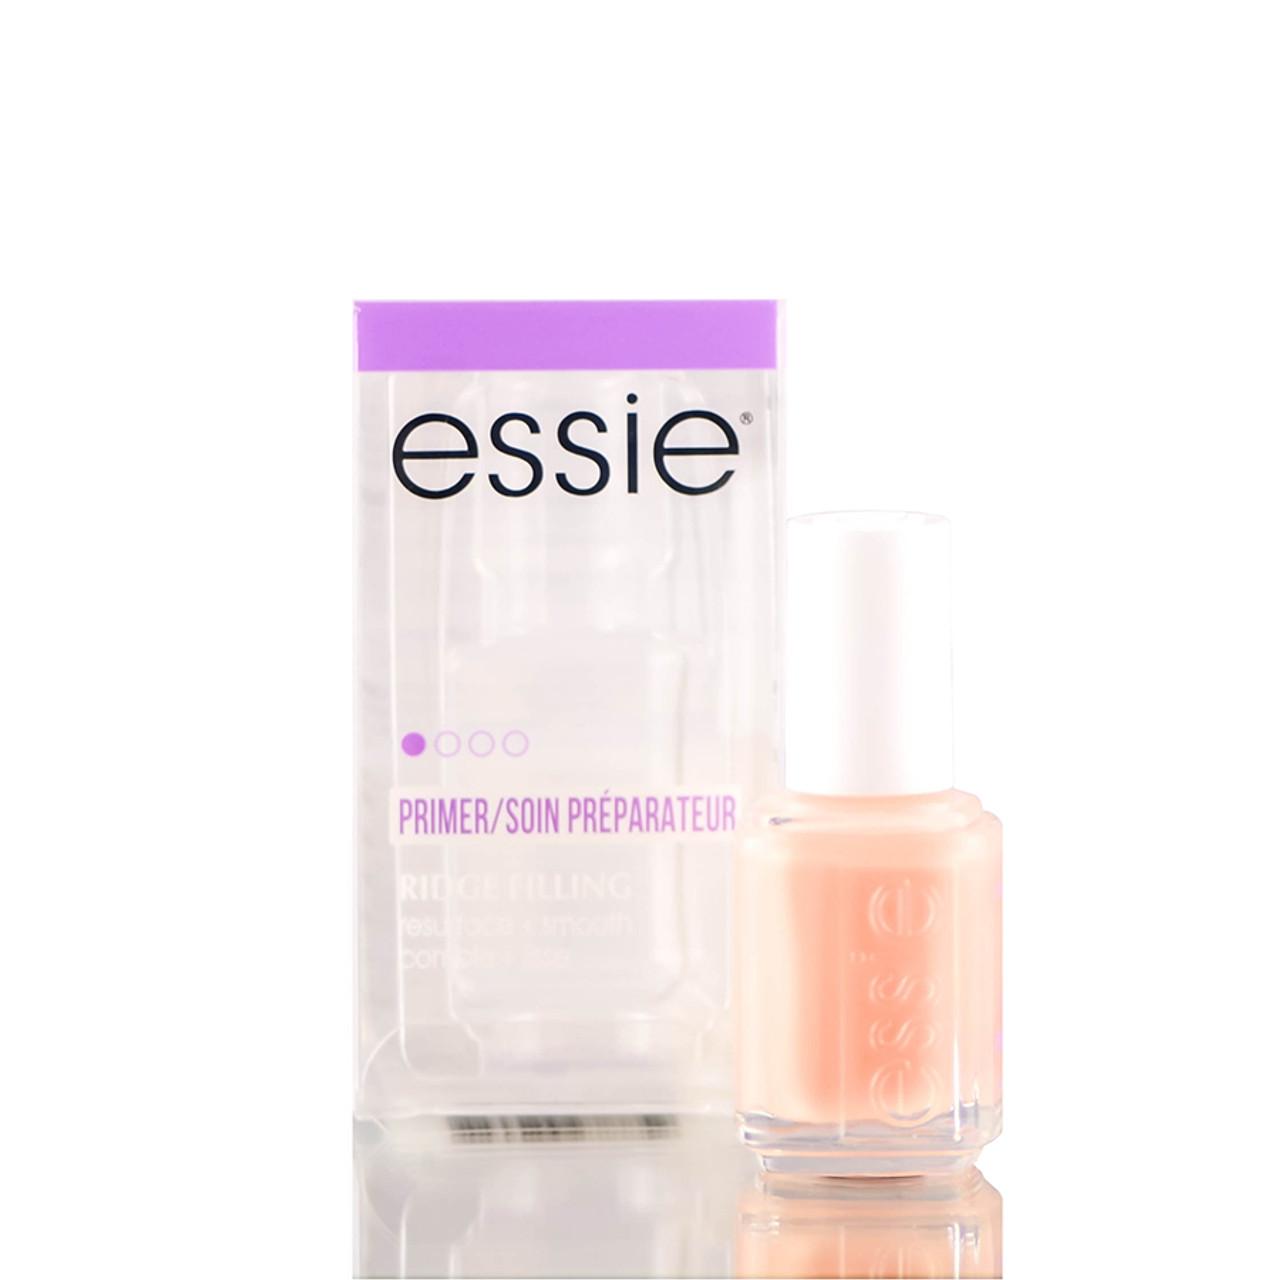 Essie Primer Soin Preparateur Ridge Filling 0 46